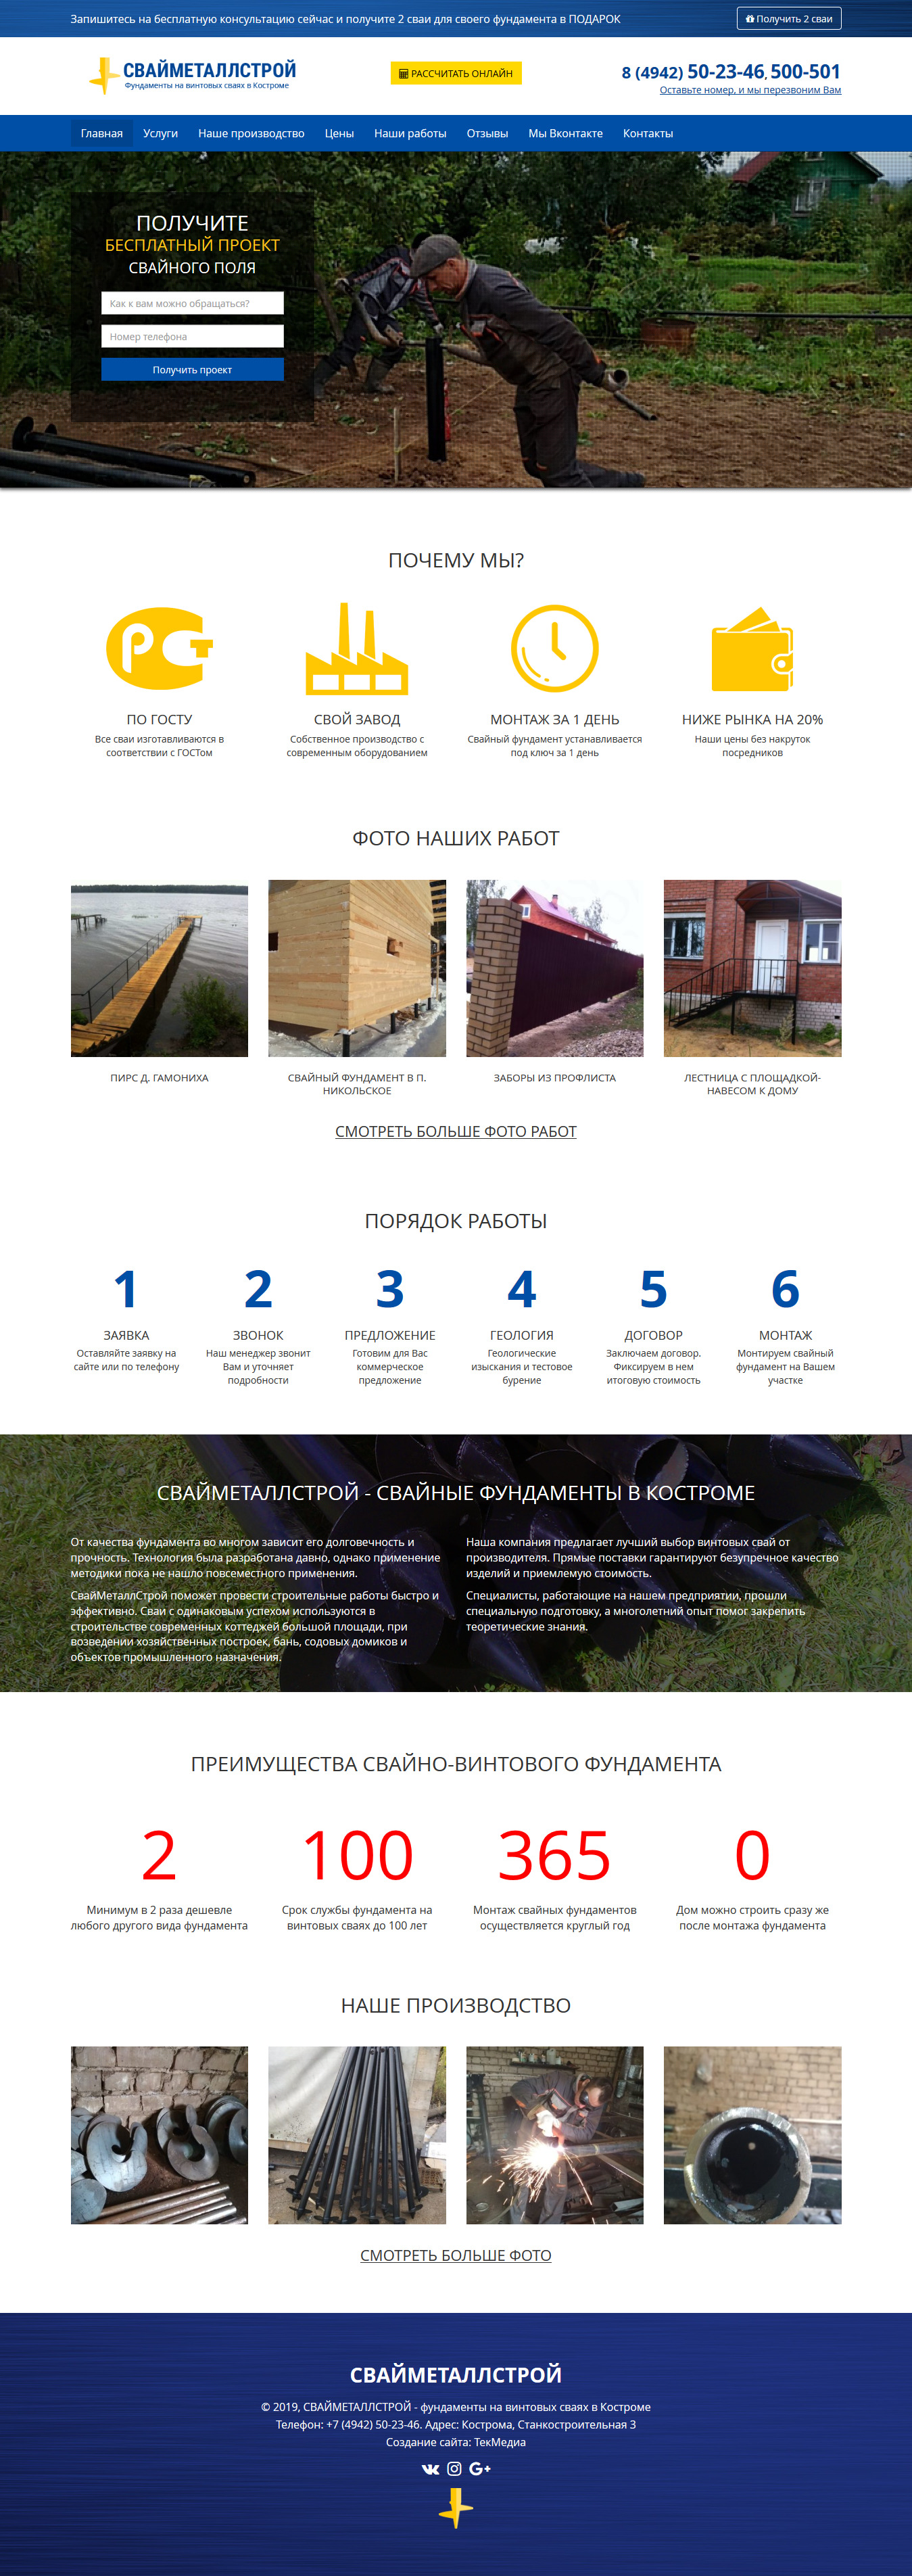 Сайт компании «СвайМеталлСтрой». Создание сайтов в Костроме